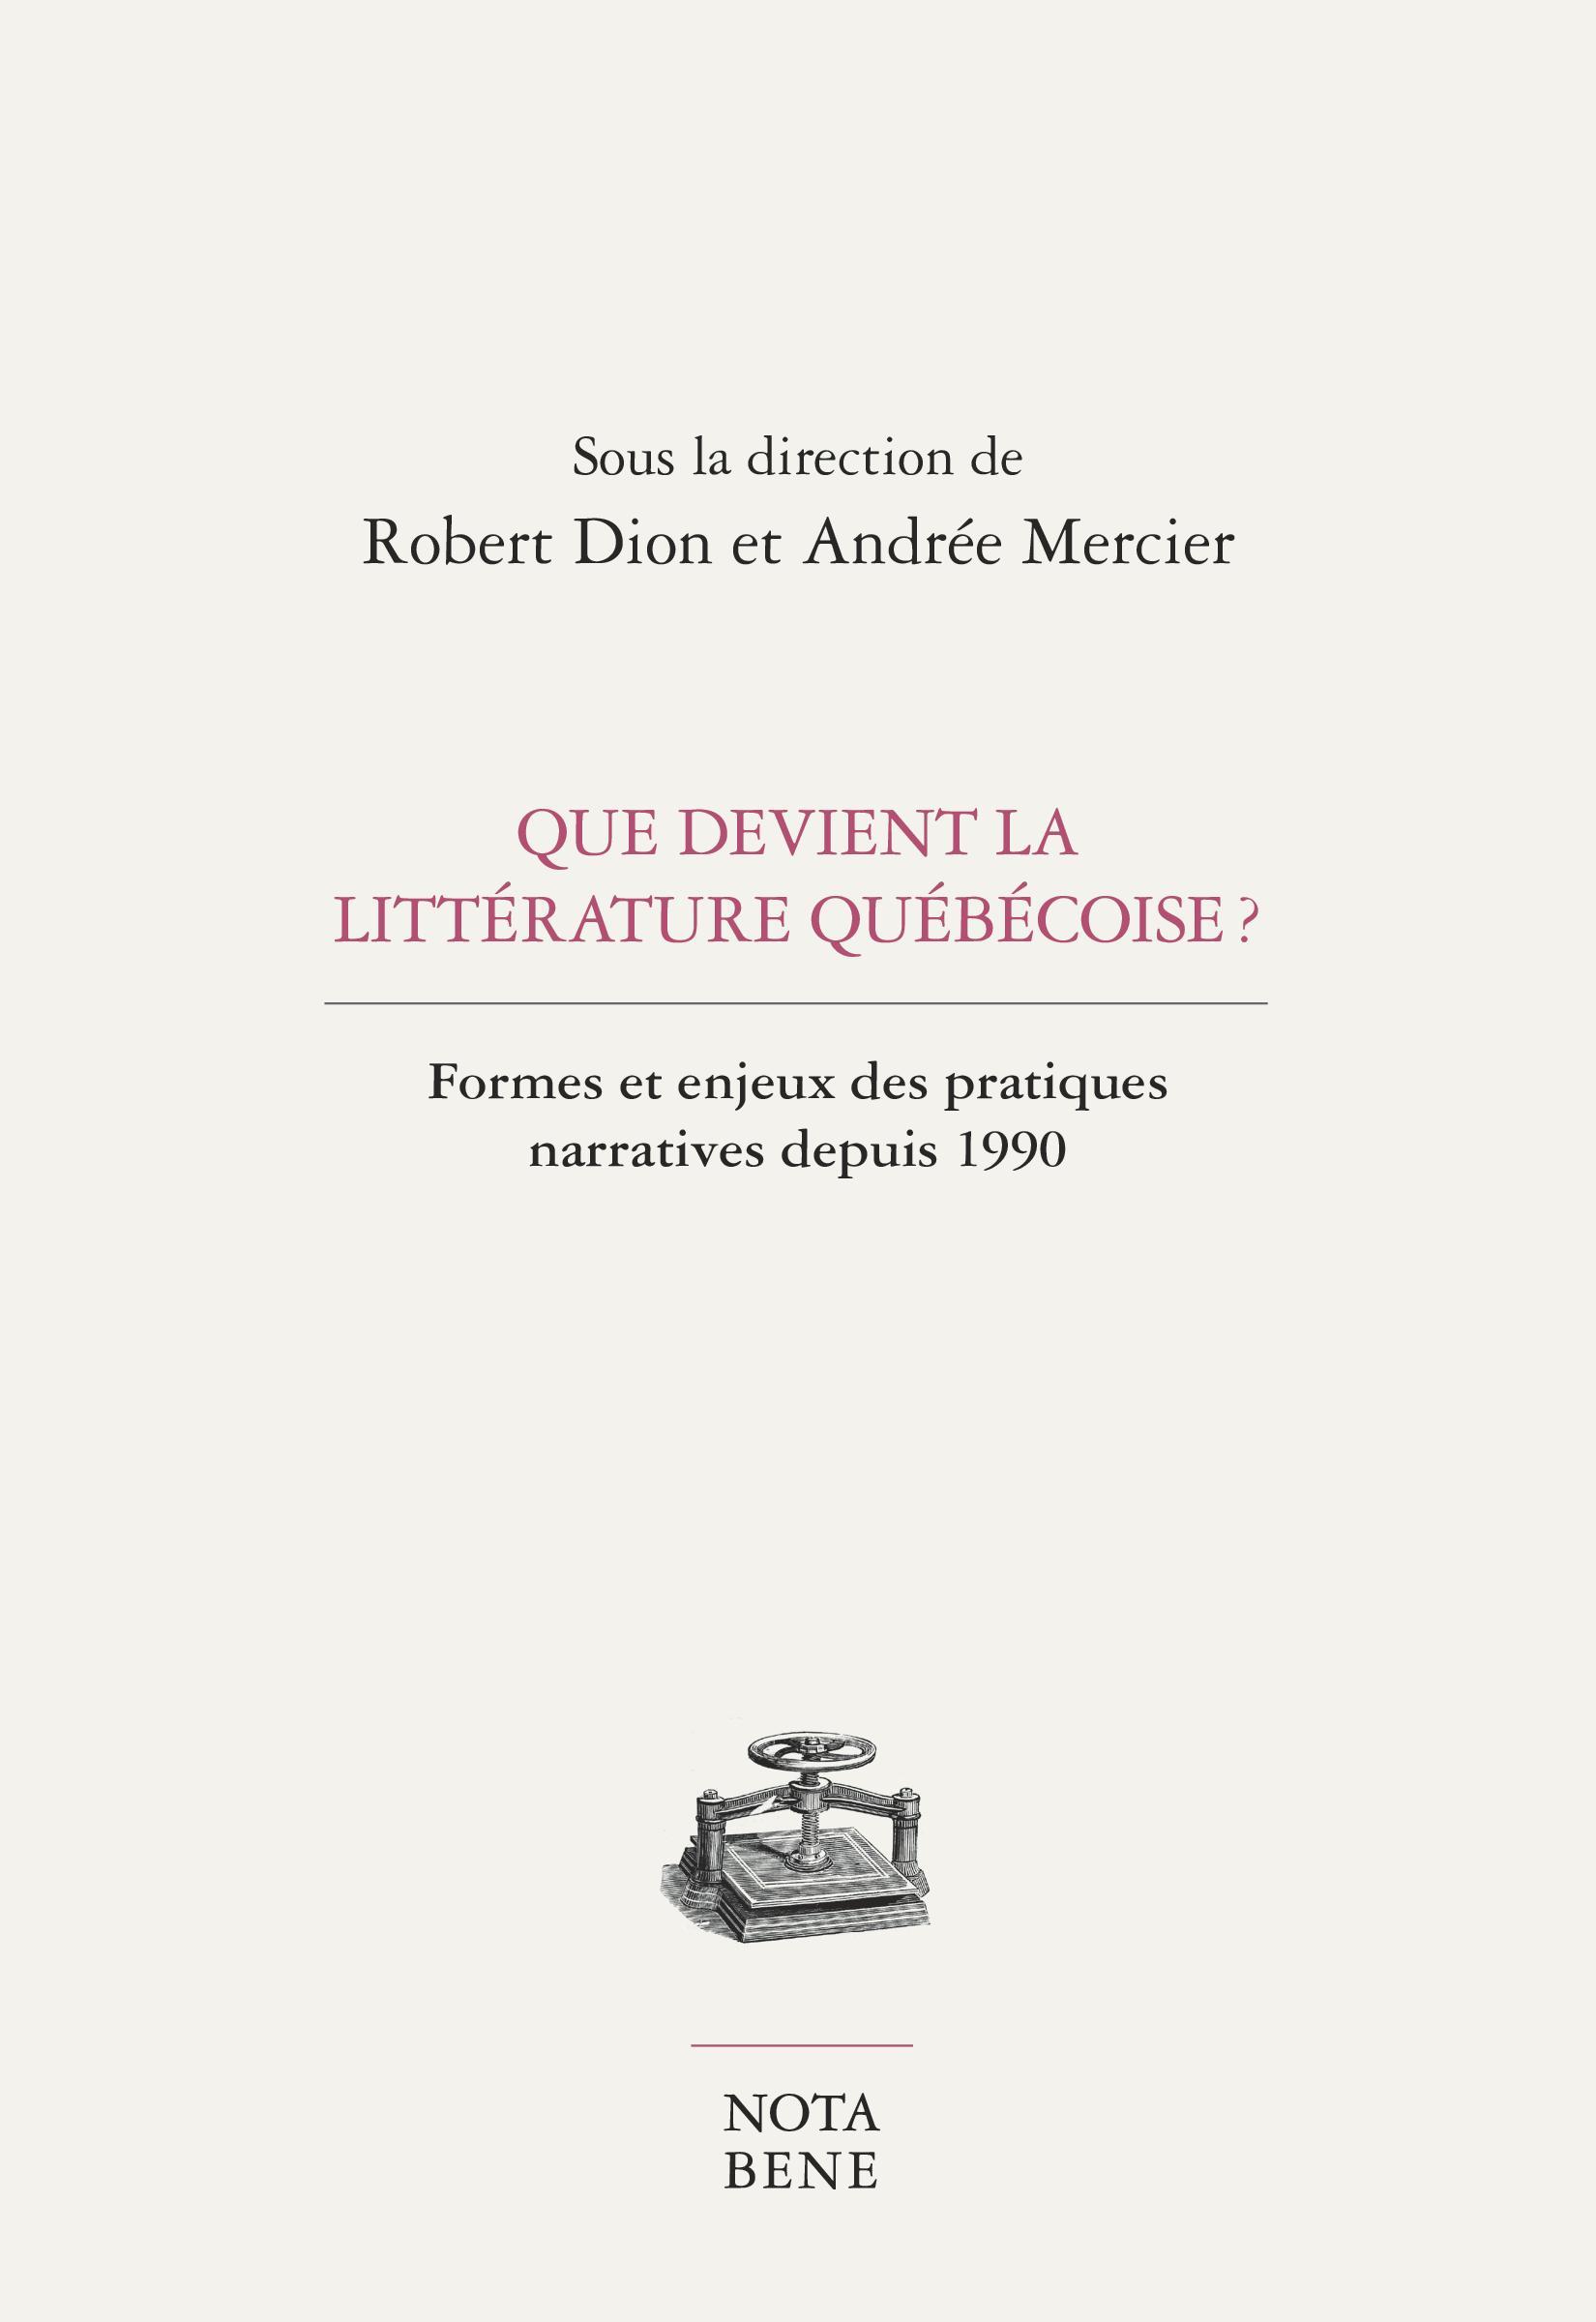 Que devient la littérature québécoise ?